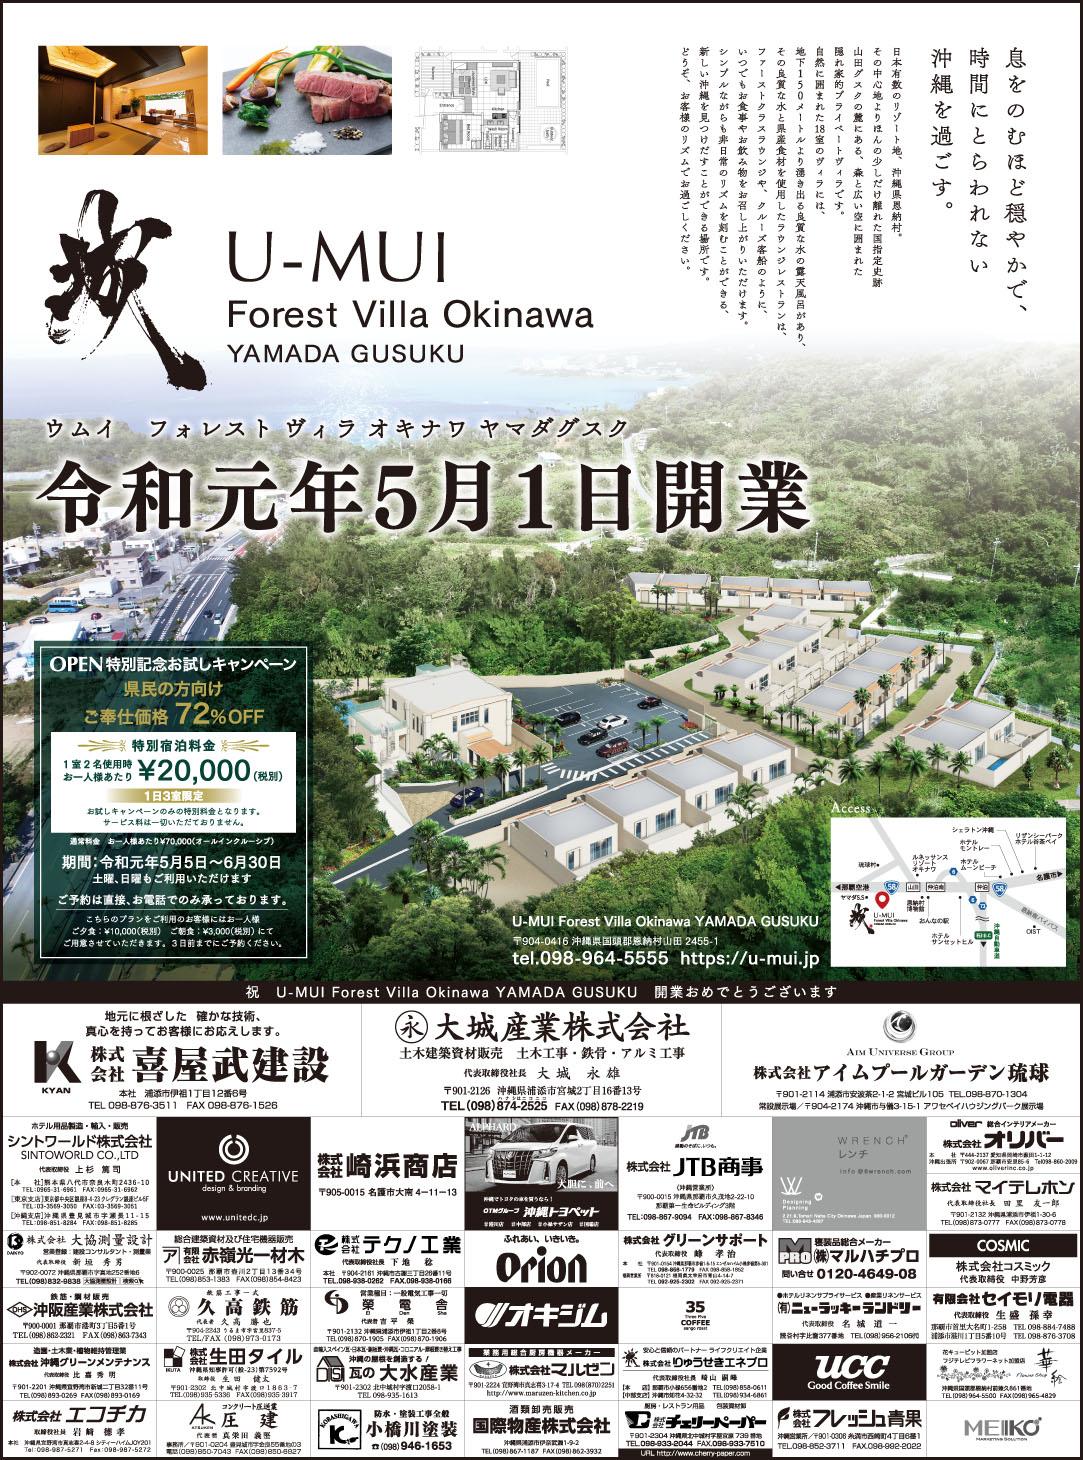 U-MUI Forest Villa Okinawa YAMADA GUSUKU-15段